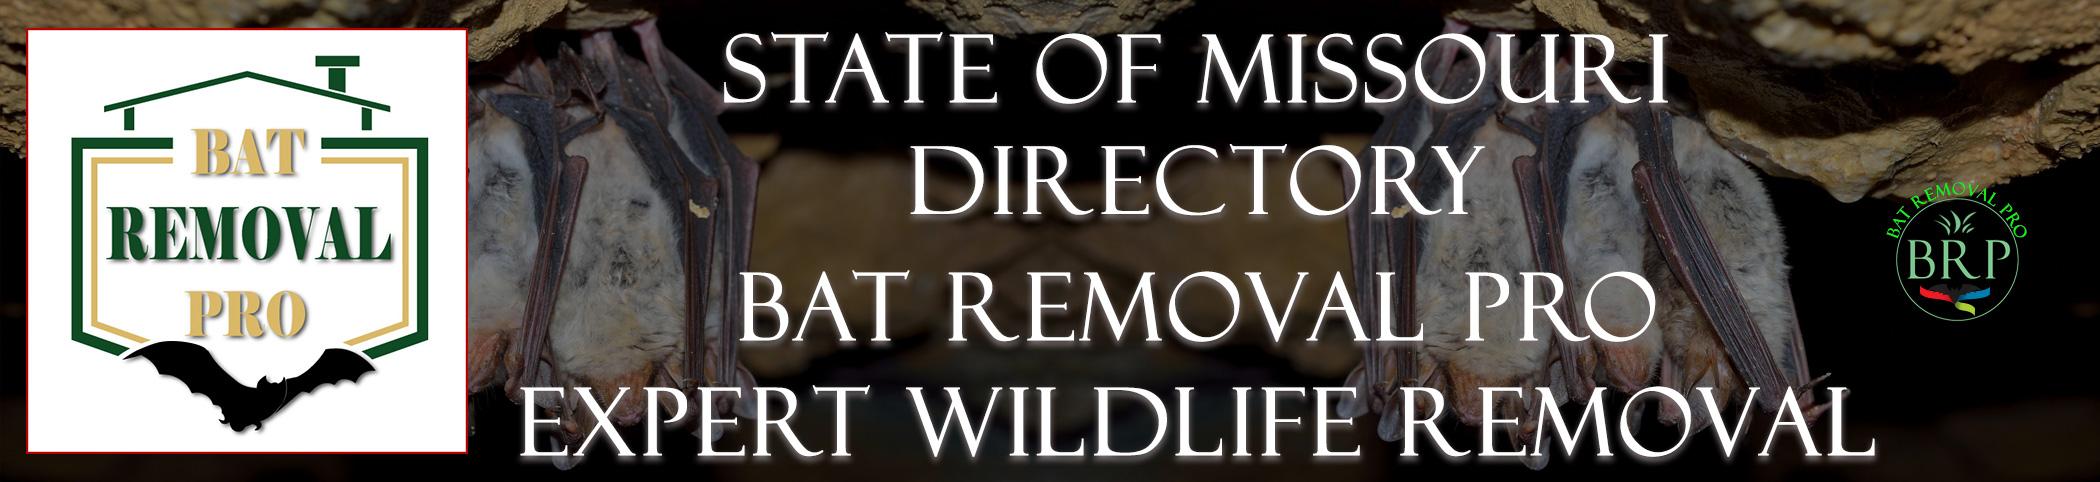 missouri-bat-removal-at-bat-removal-pro-header-image